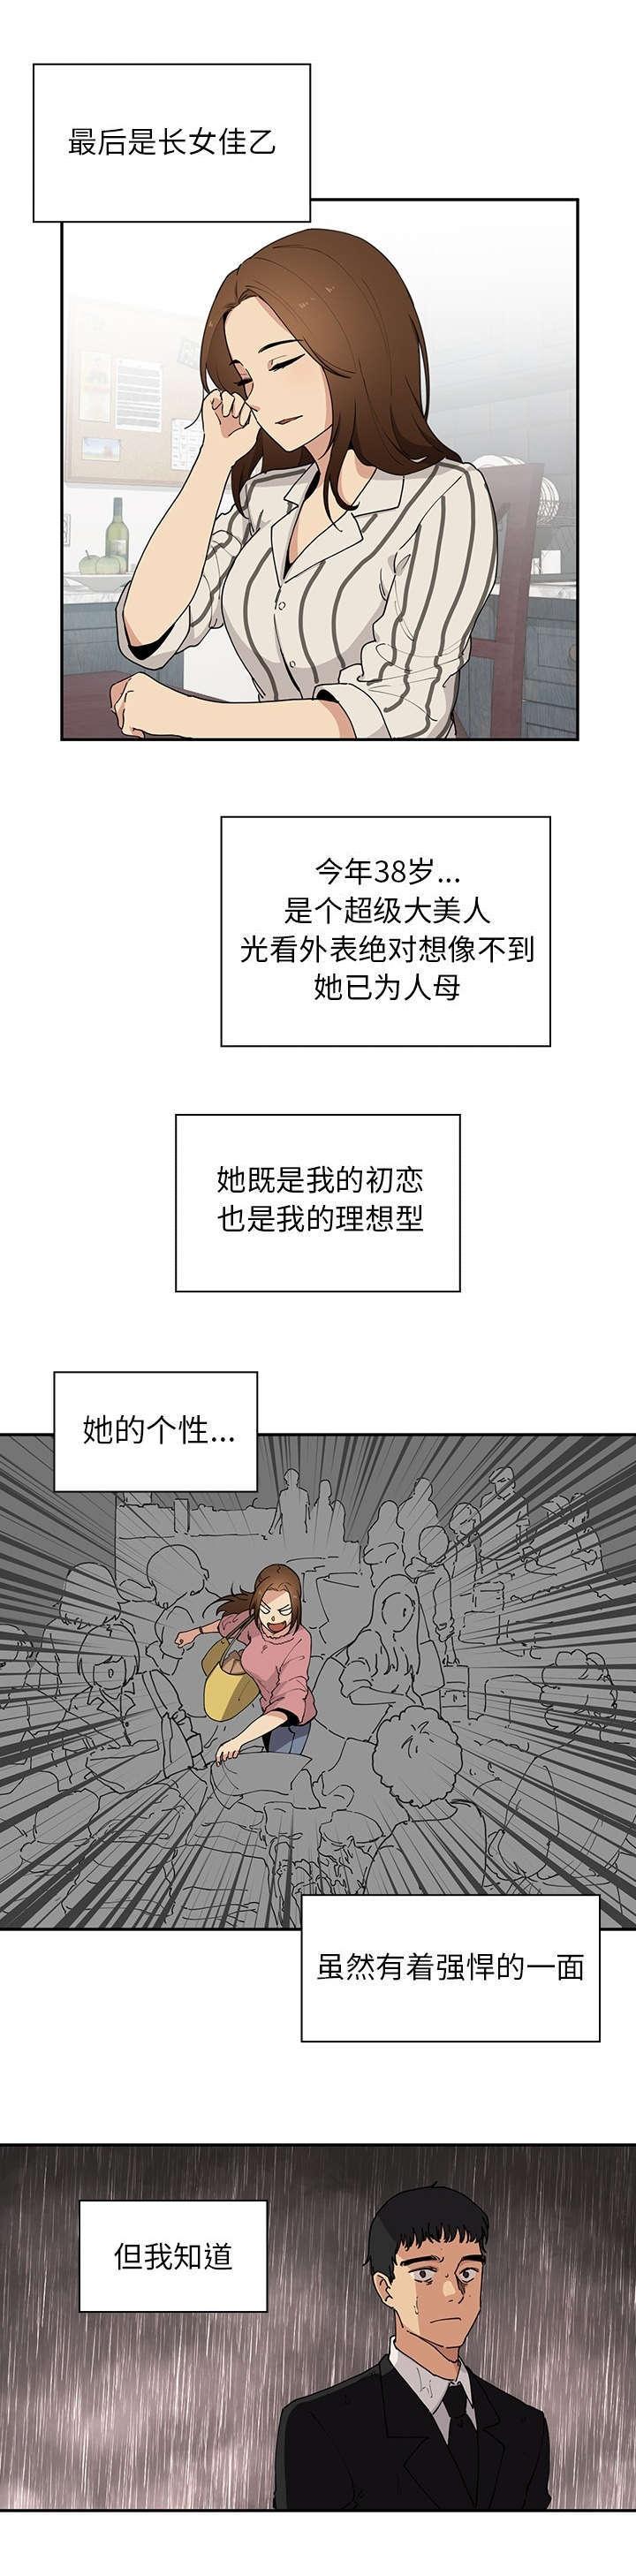 韩漫漫画 —《窗外芳邻》— 全集在线阅读